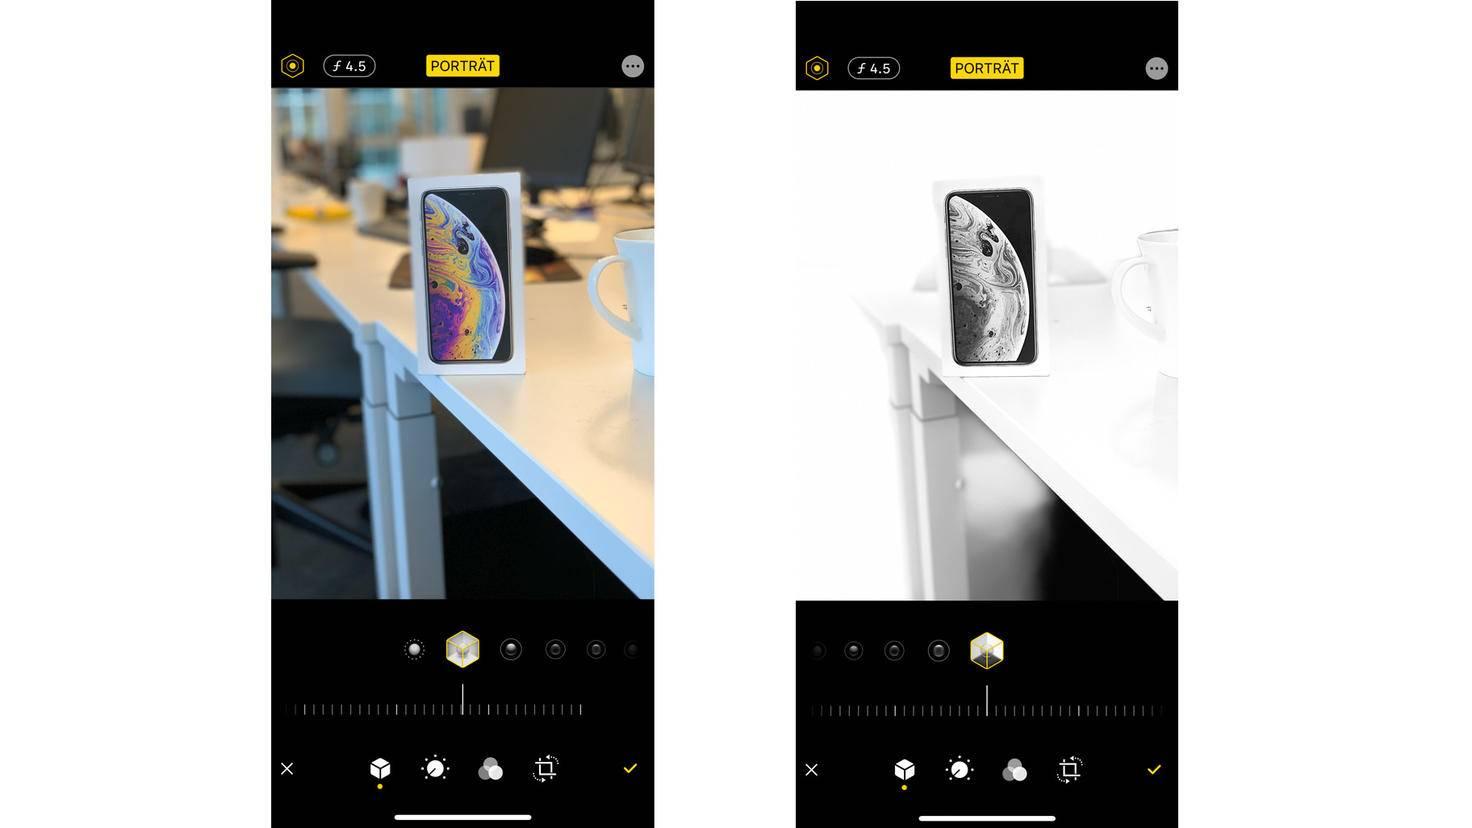 """Im Modus Portträtlicht lässt sich in iOS 13 die Intensität von Porträtlicht-Effekten verändern, außerdem steht ein neuer Modus namens """"High‑Key Mono"""" zur Verfügung."""